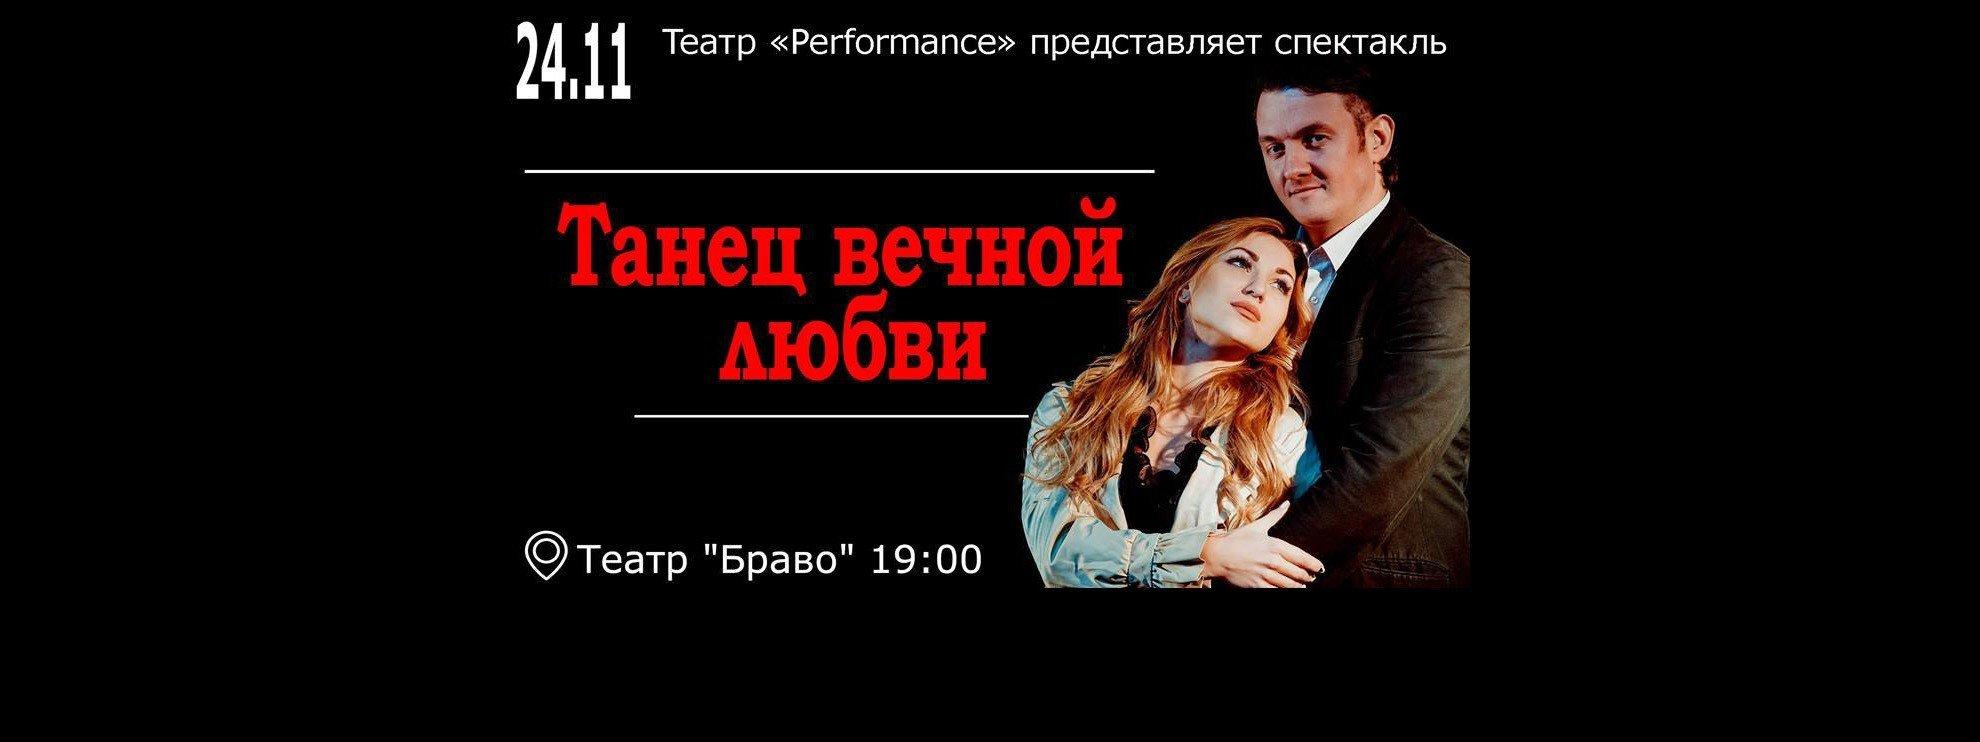 исполнитель Театр Performance (Перфоманс)